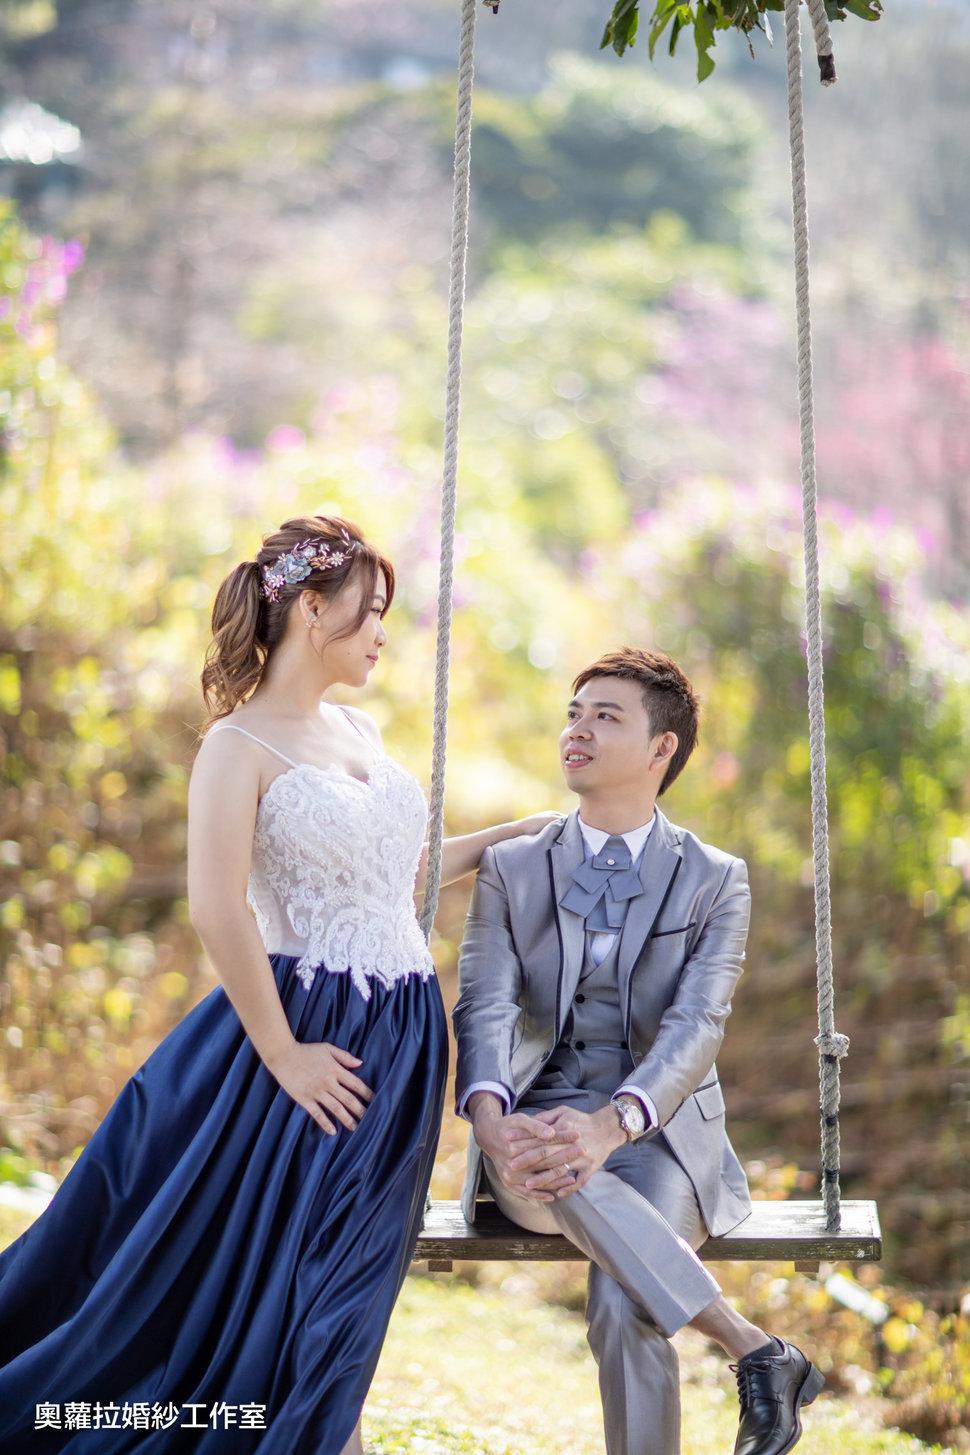 正誠雅芬-11修 - 奧蘿拉自助婚紗工作室《結婚吧》